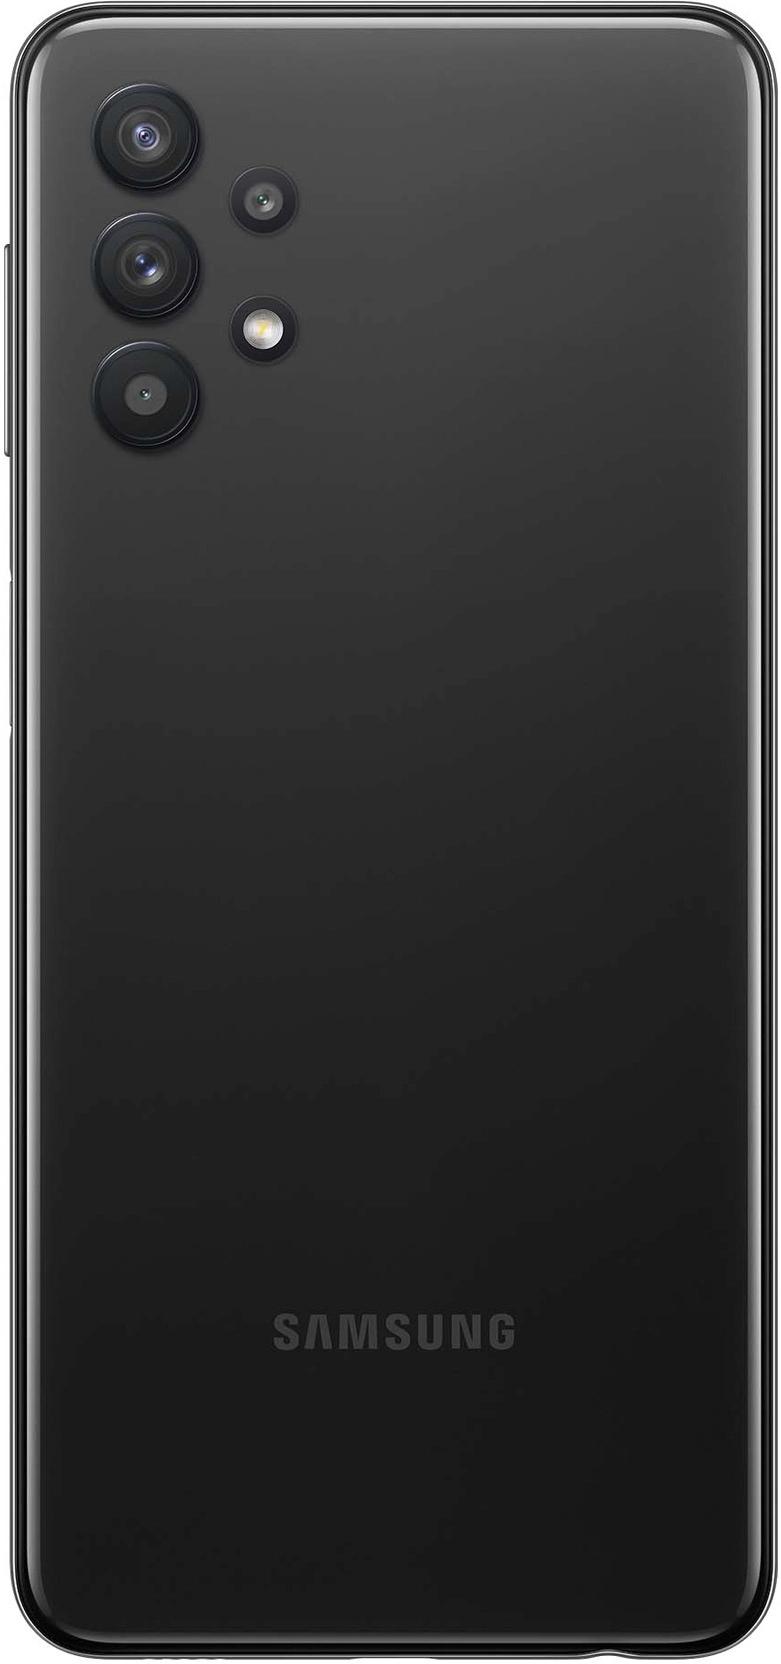 Samsung Galaxy A32 DS (SM-A325) 64GB 352407511781230 - 2